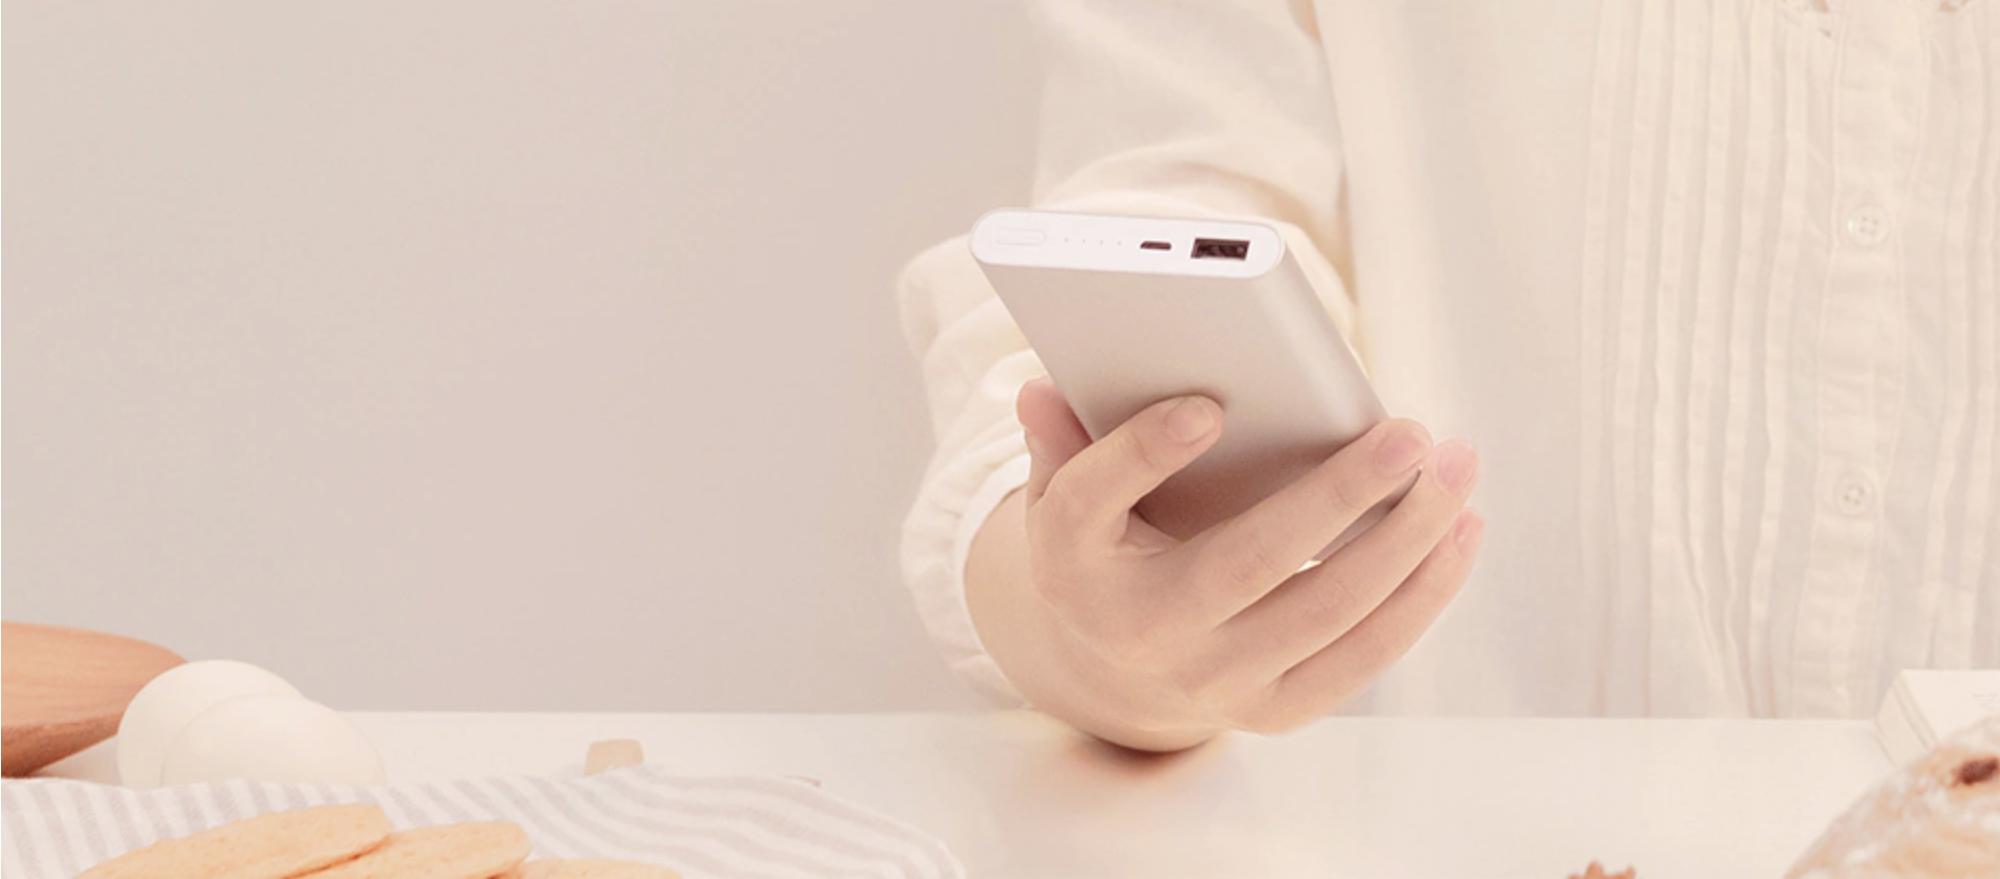 Získejte Xiaomi Ultra-thin Power Bank 2 s kapacitou 10 000 mAh za 278 Kč! [sponzorovaný článek]